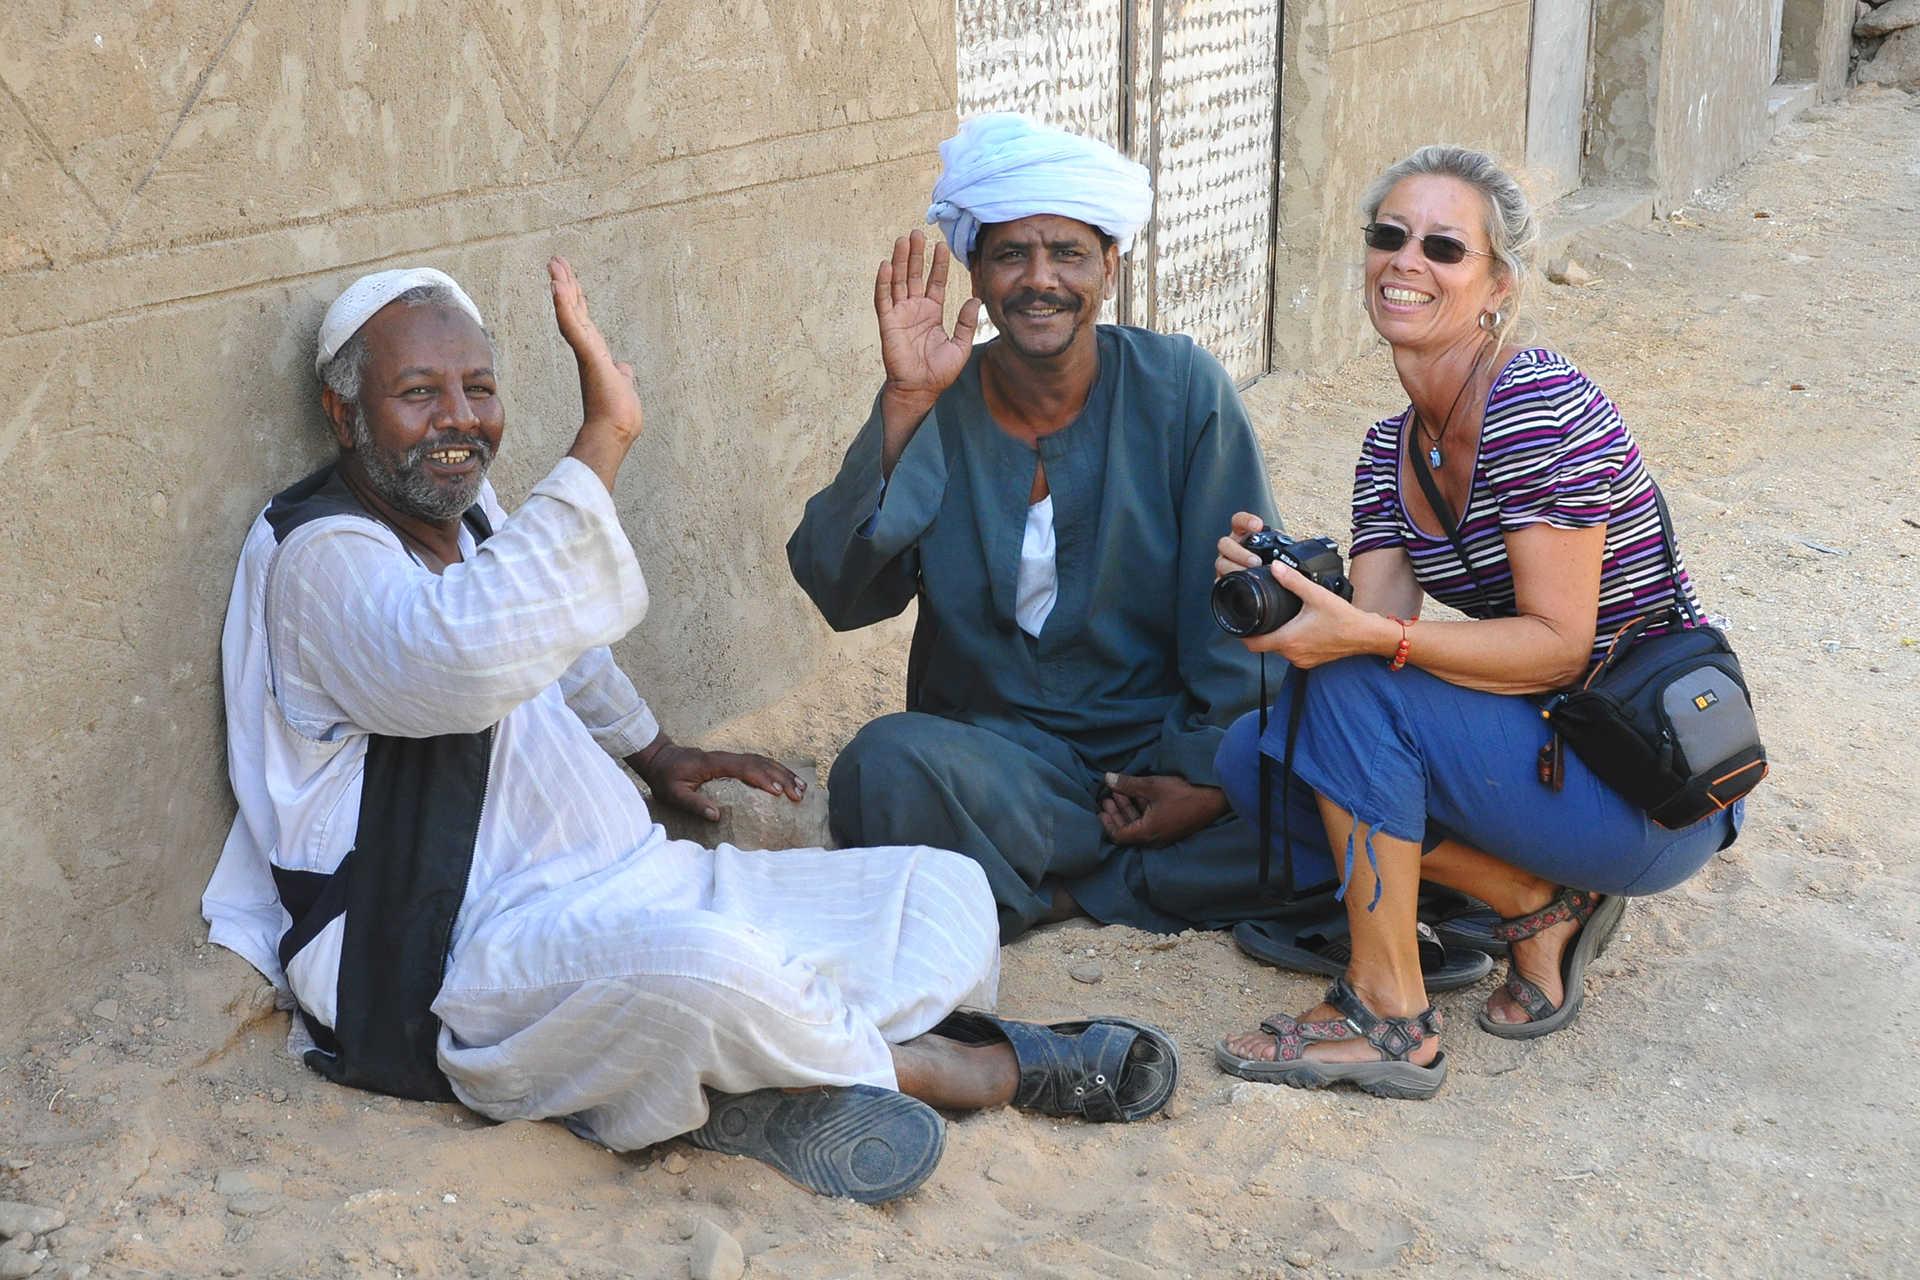 Rencontre avec les habitants sur le Nil